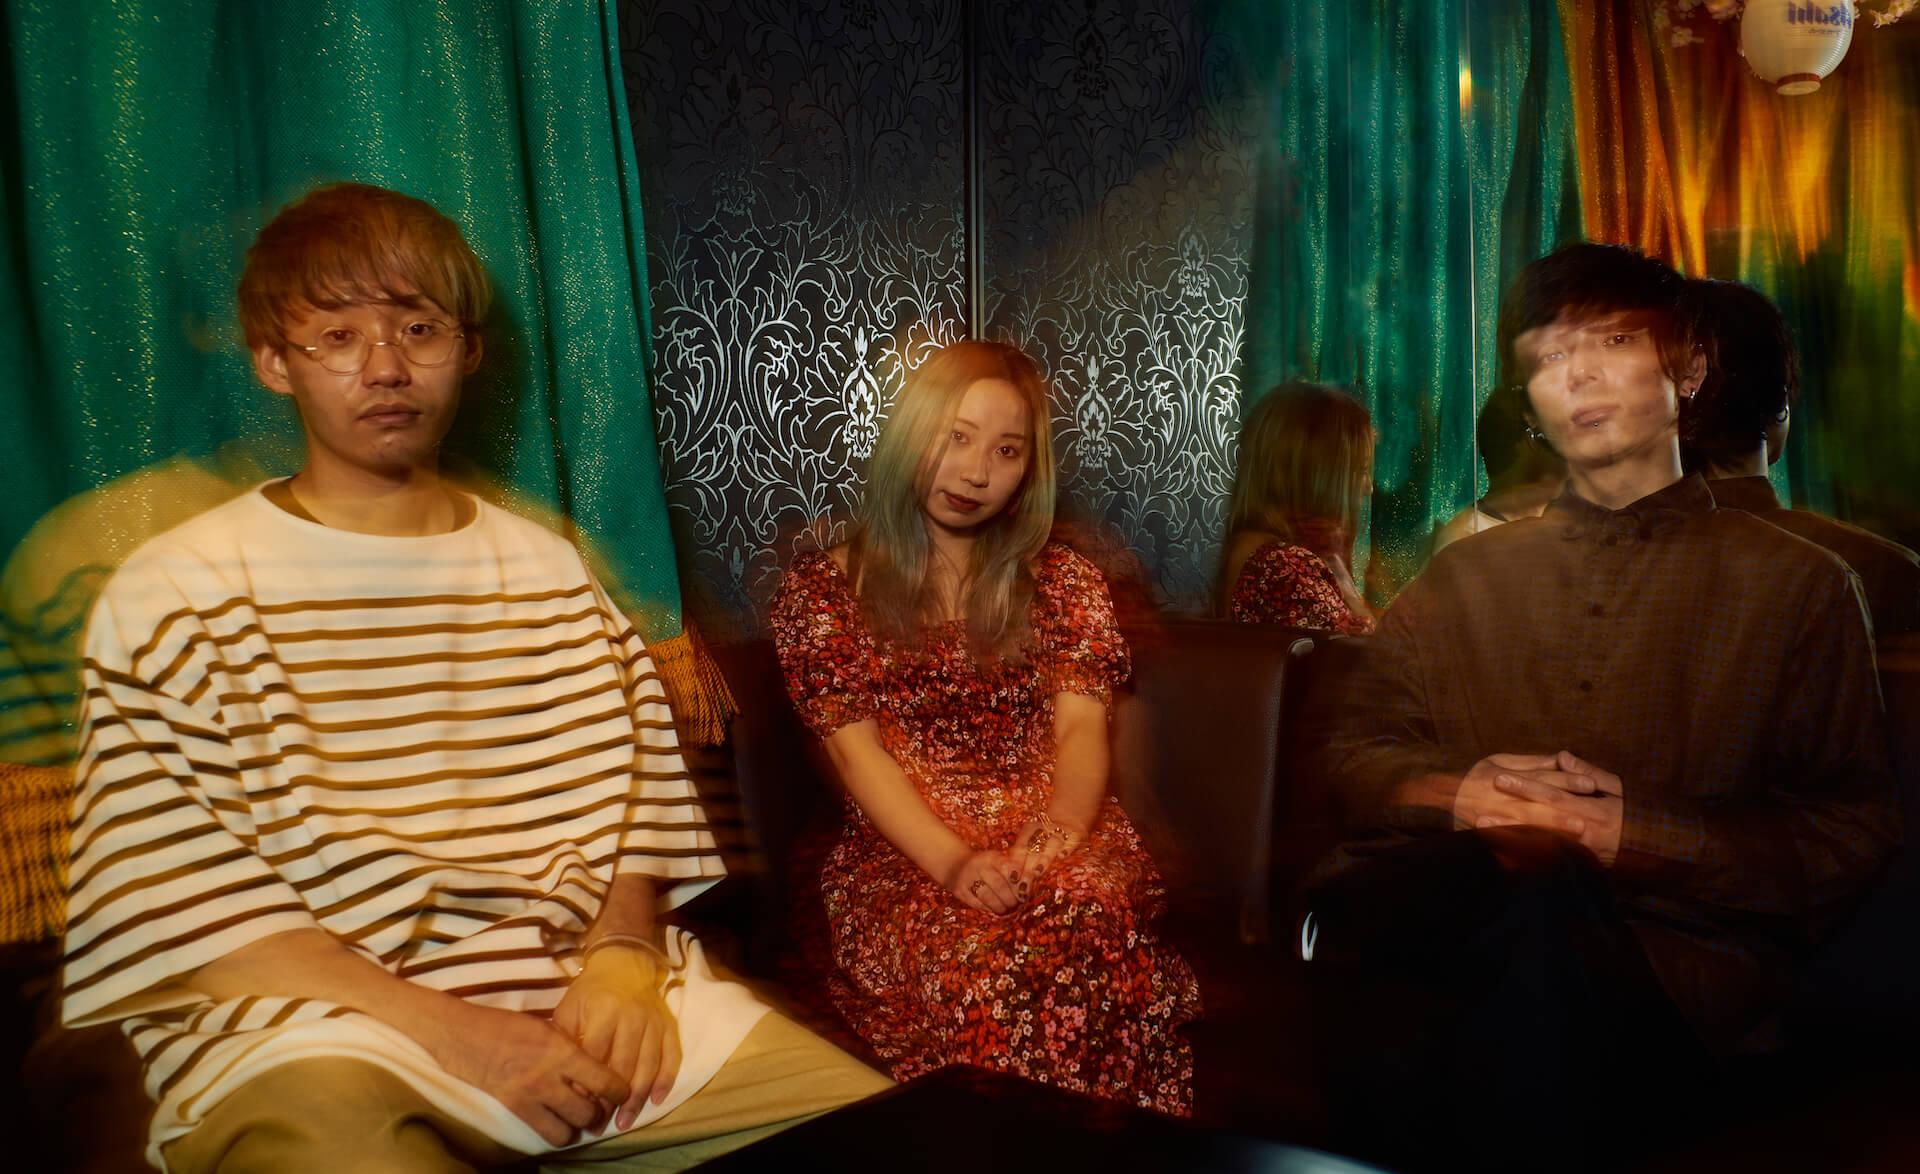 """サブプロジェクトから「3人のバンド」へ——きのこ帝国・西村""""コン""""擁するバンド add インタビュー interview210521_add-01-1"""